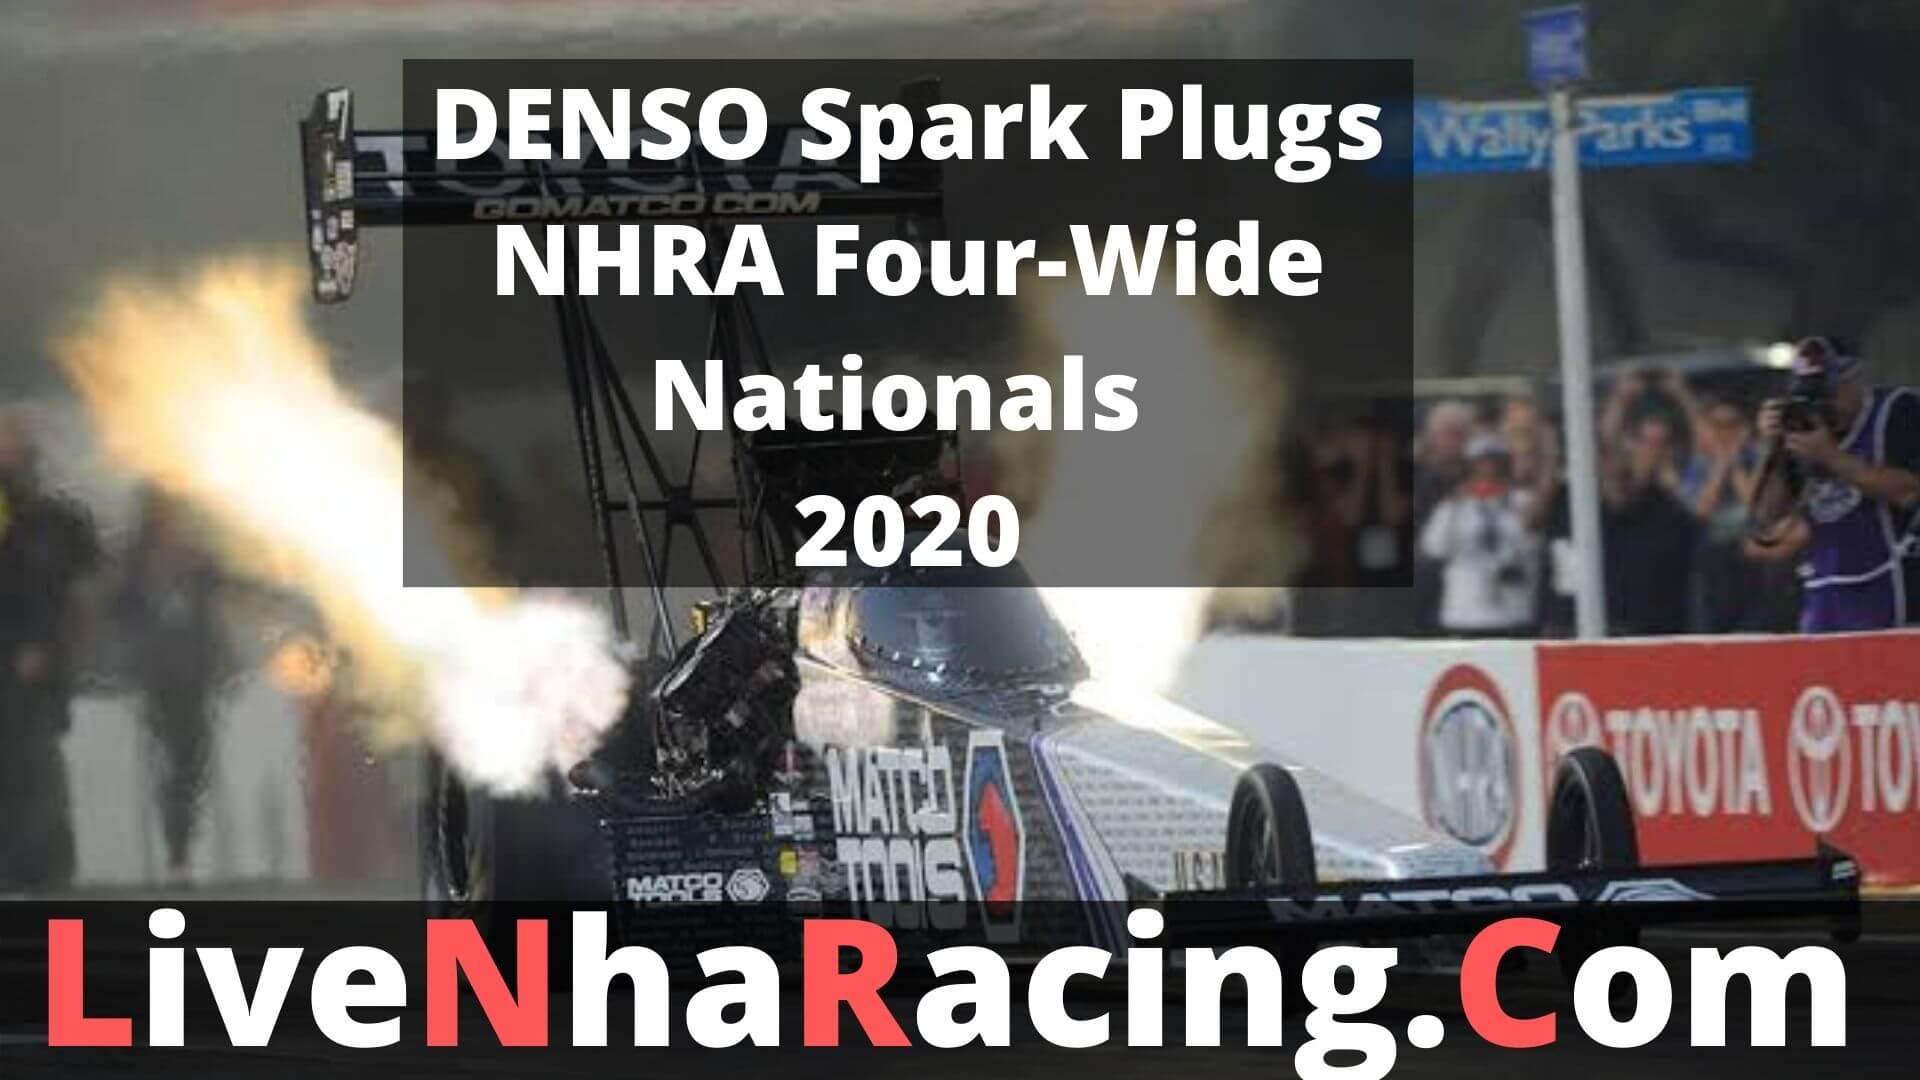 DENSO Spark Plugs NHRA Four-Wide Nationals - Finals Live Stream